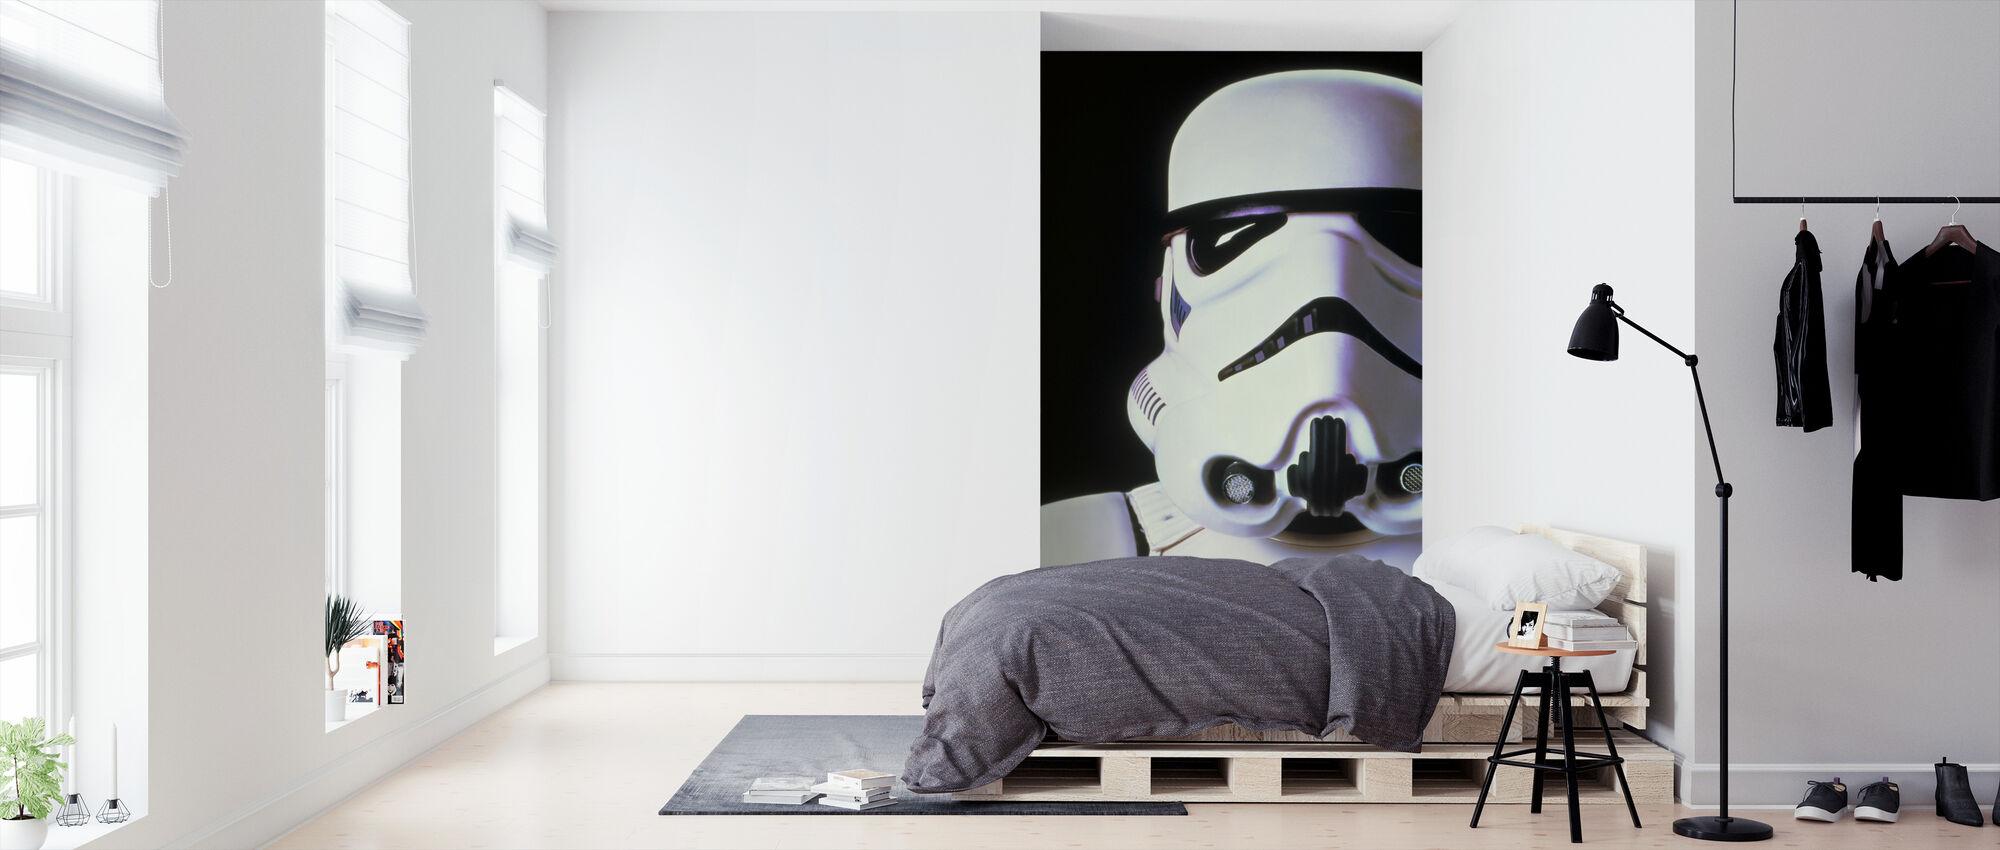 Star Wars - Stormtrooper - Tapet - Soveværelse